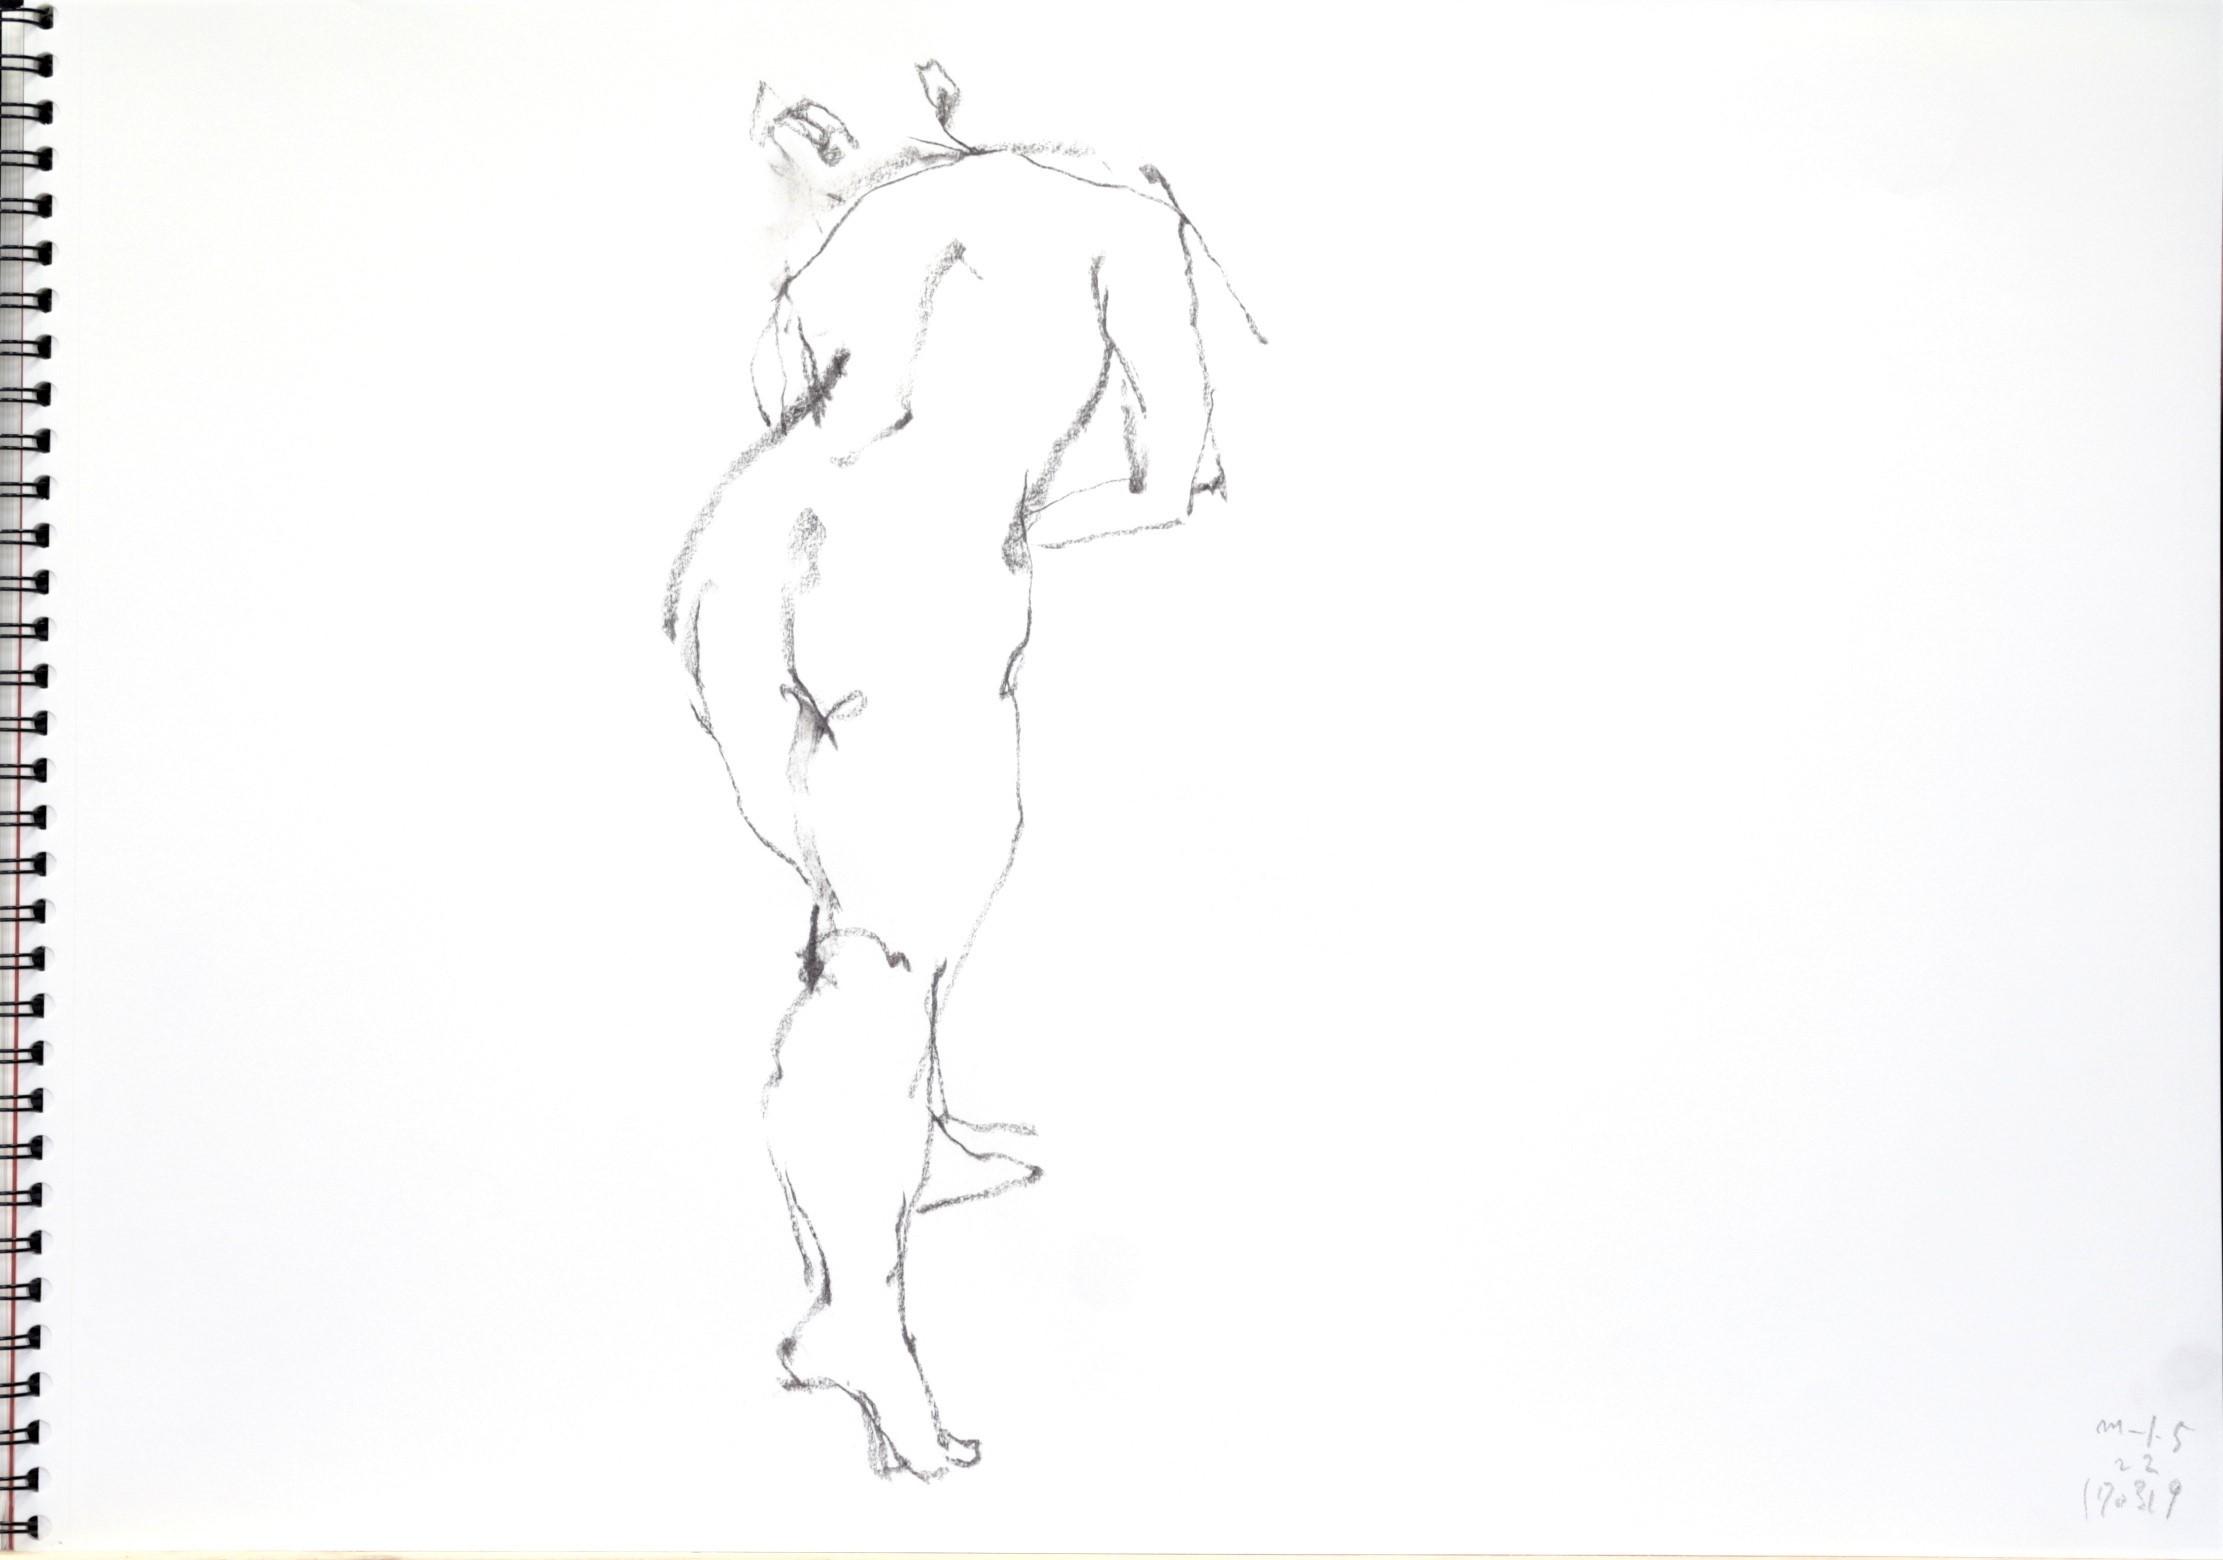 《 三月のある日の 「 裸婦クロッキー(croquis)」 2 》_f0159856_12300775.jpg